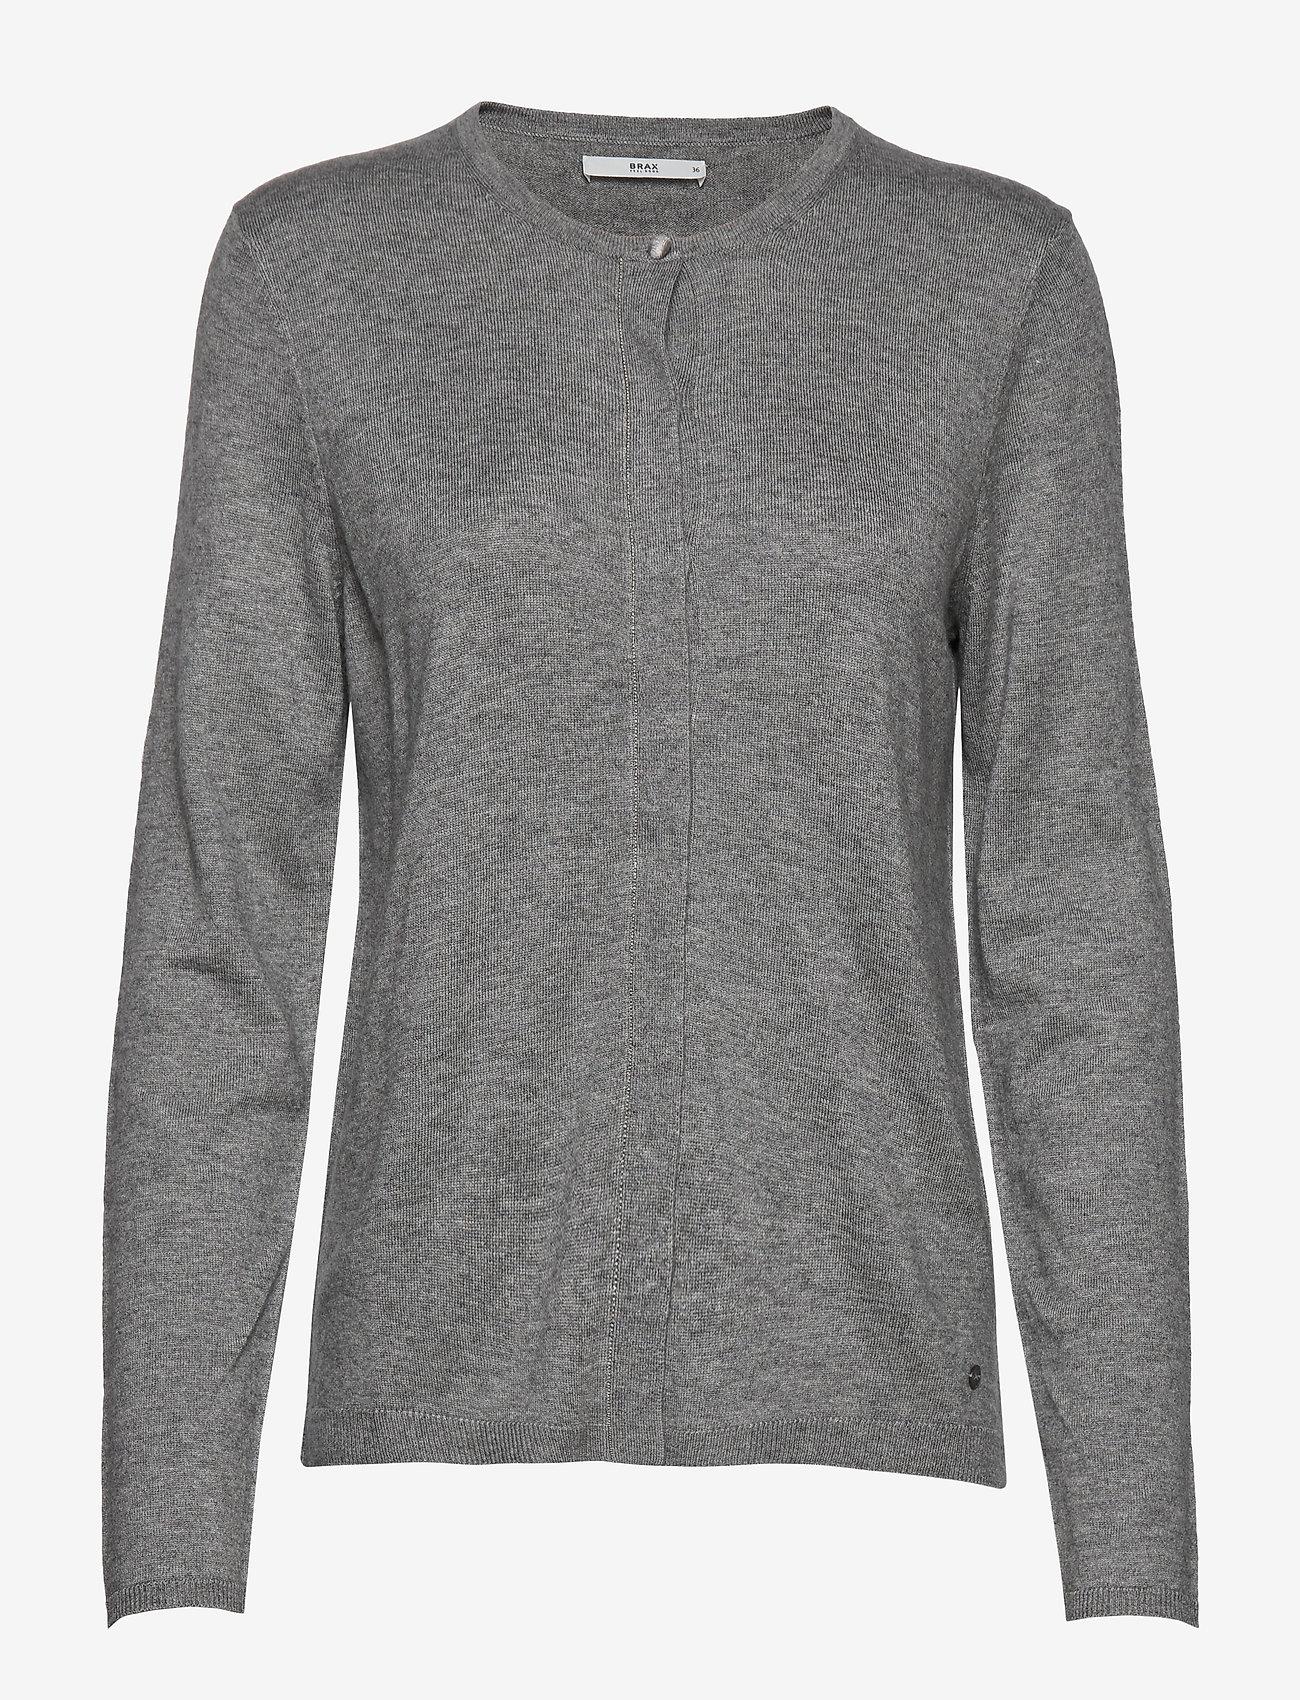 BRAX - ANN - cardigans - grey mel. - 0